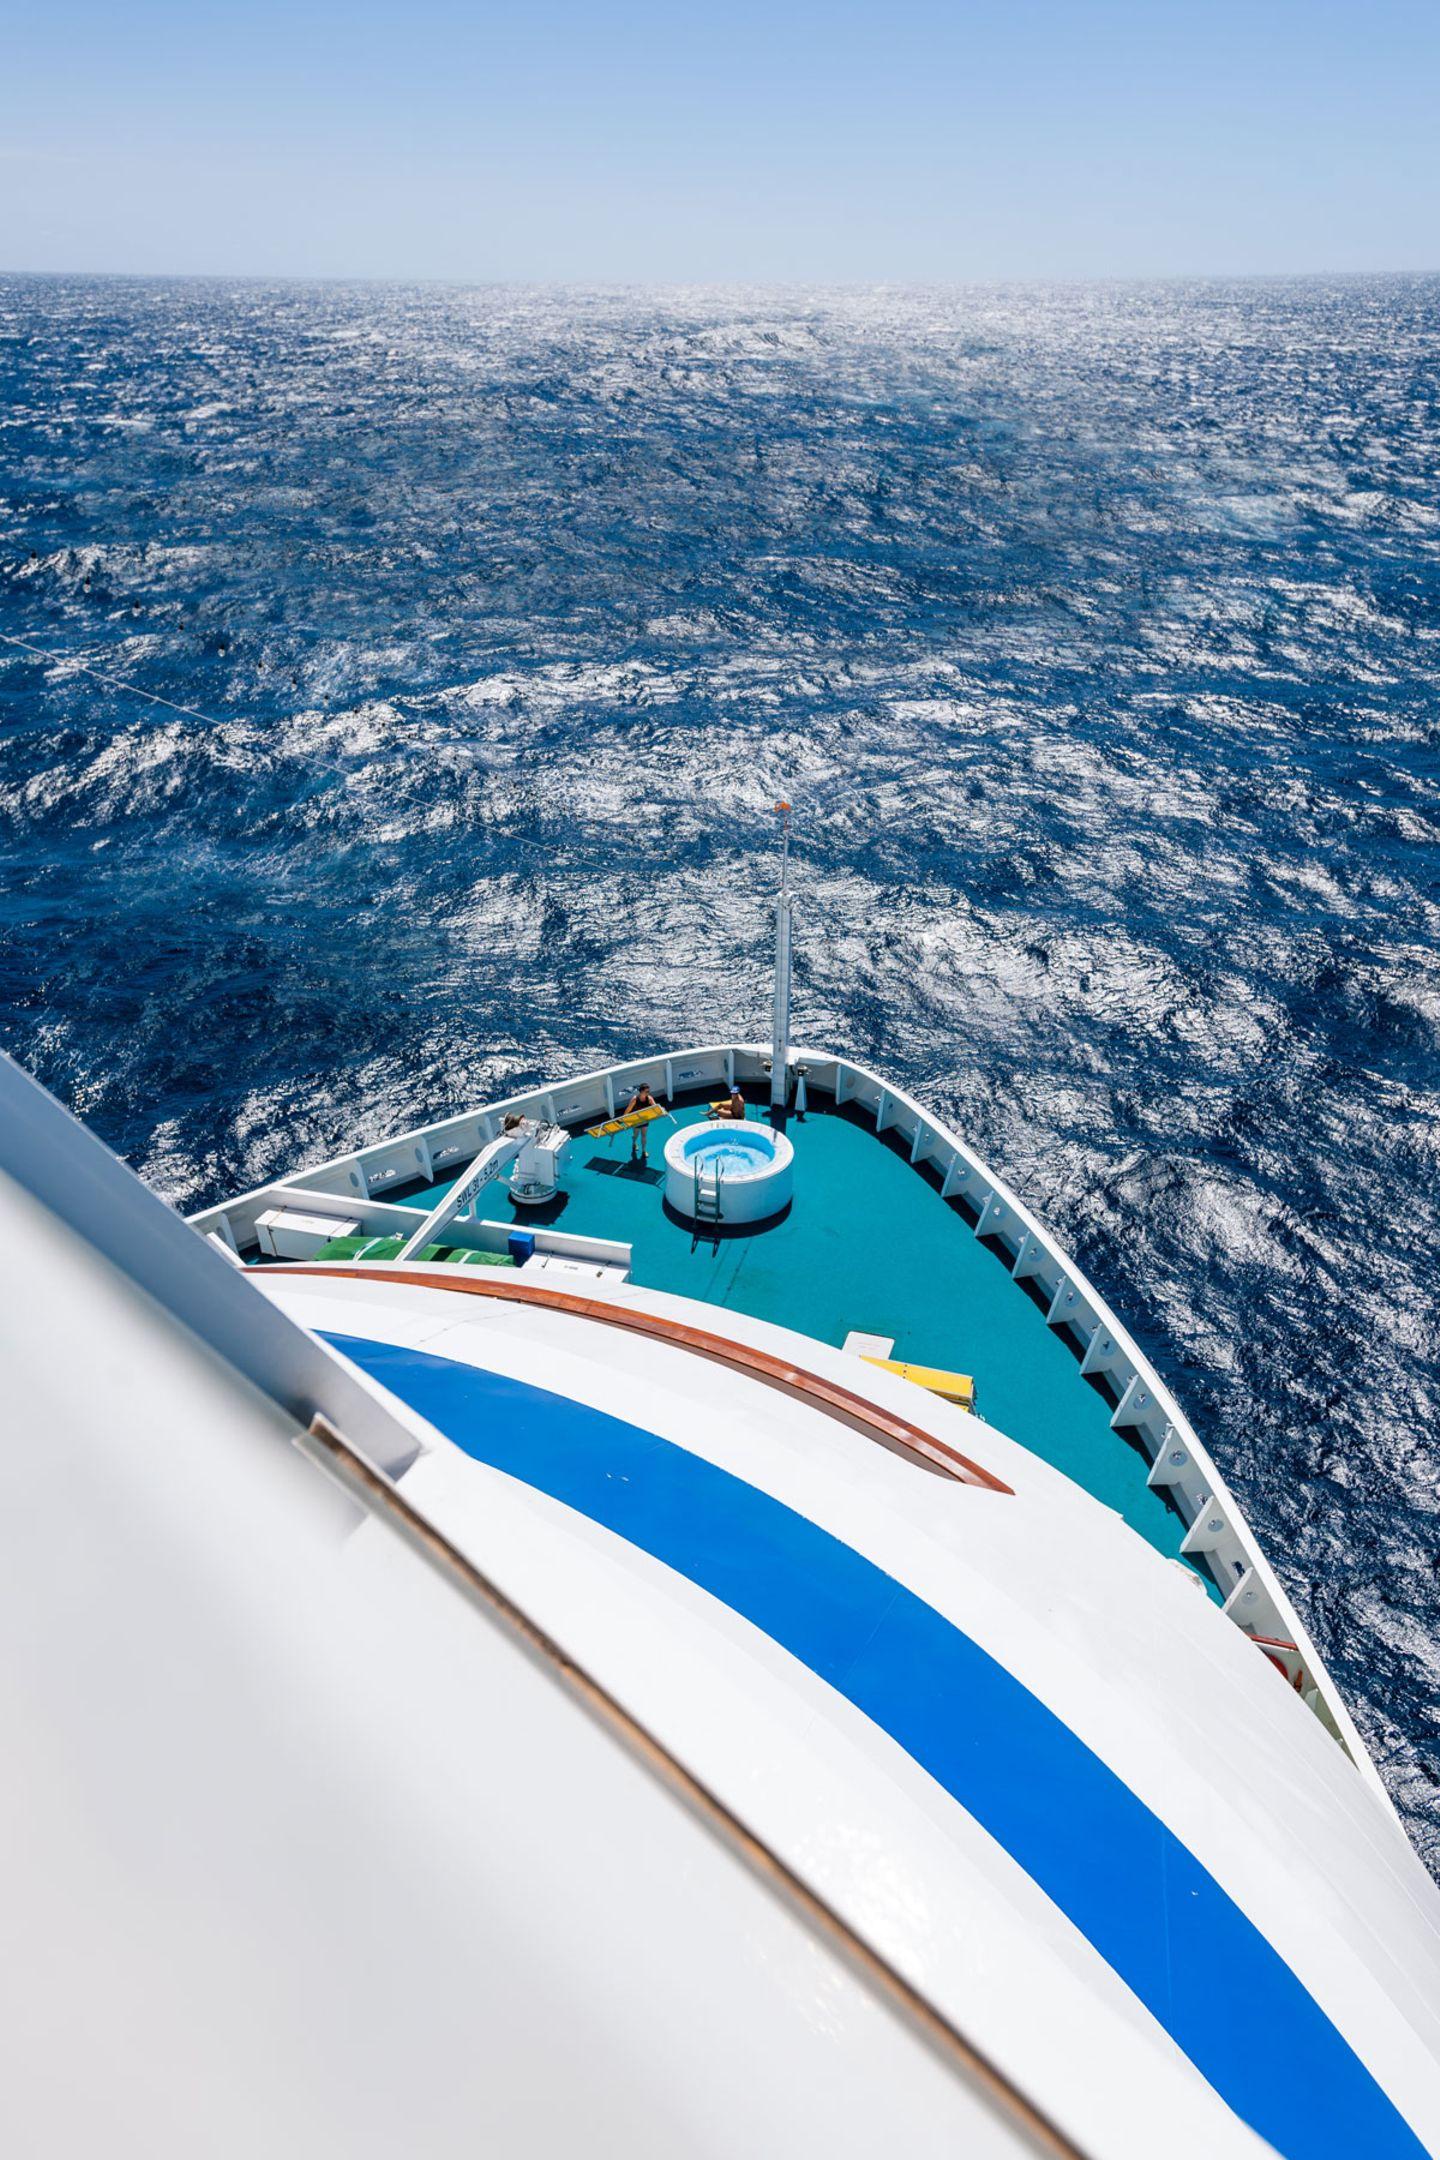 """Trotz 1266 Passagieren und 389 Crewmitgliedern lassen sich auf der """"Aida Aura"""" durchaus Momente der Ein- oder Zweisamkeit finden, etwa am äußersten Bug des Schiffes, mit Sicht auf den Horizont."""